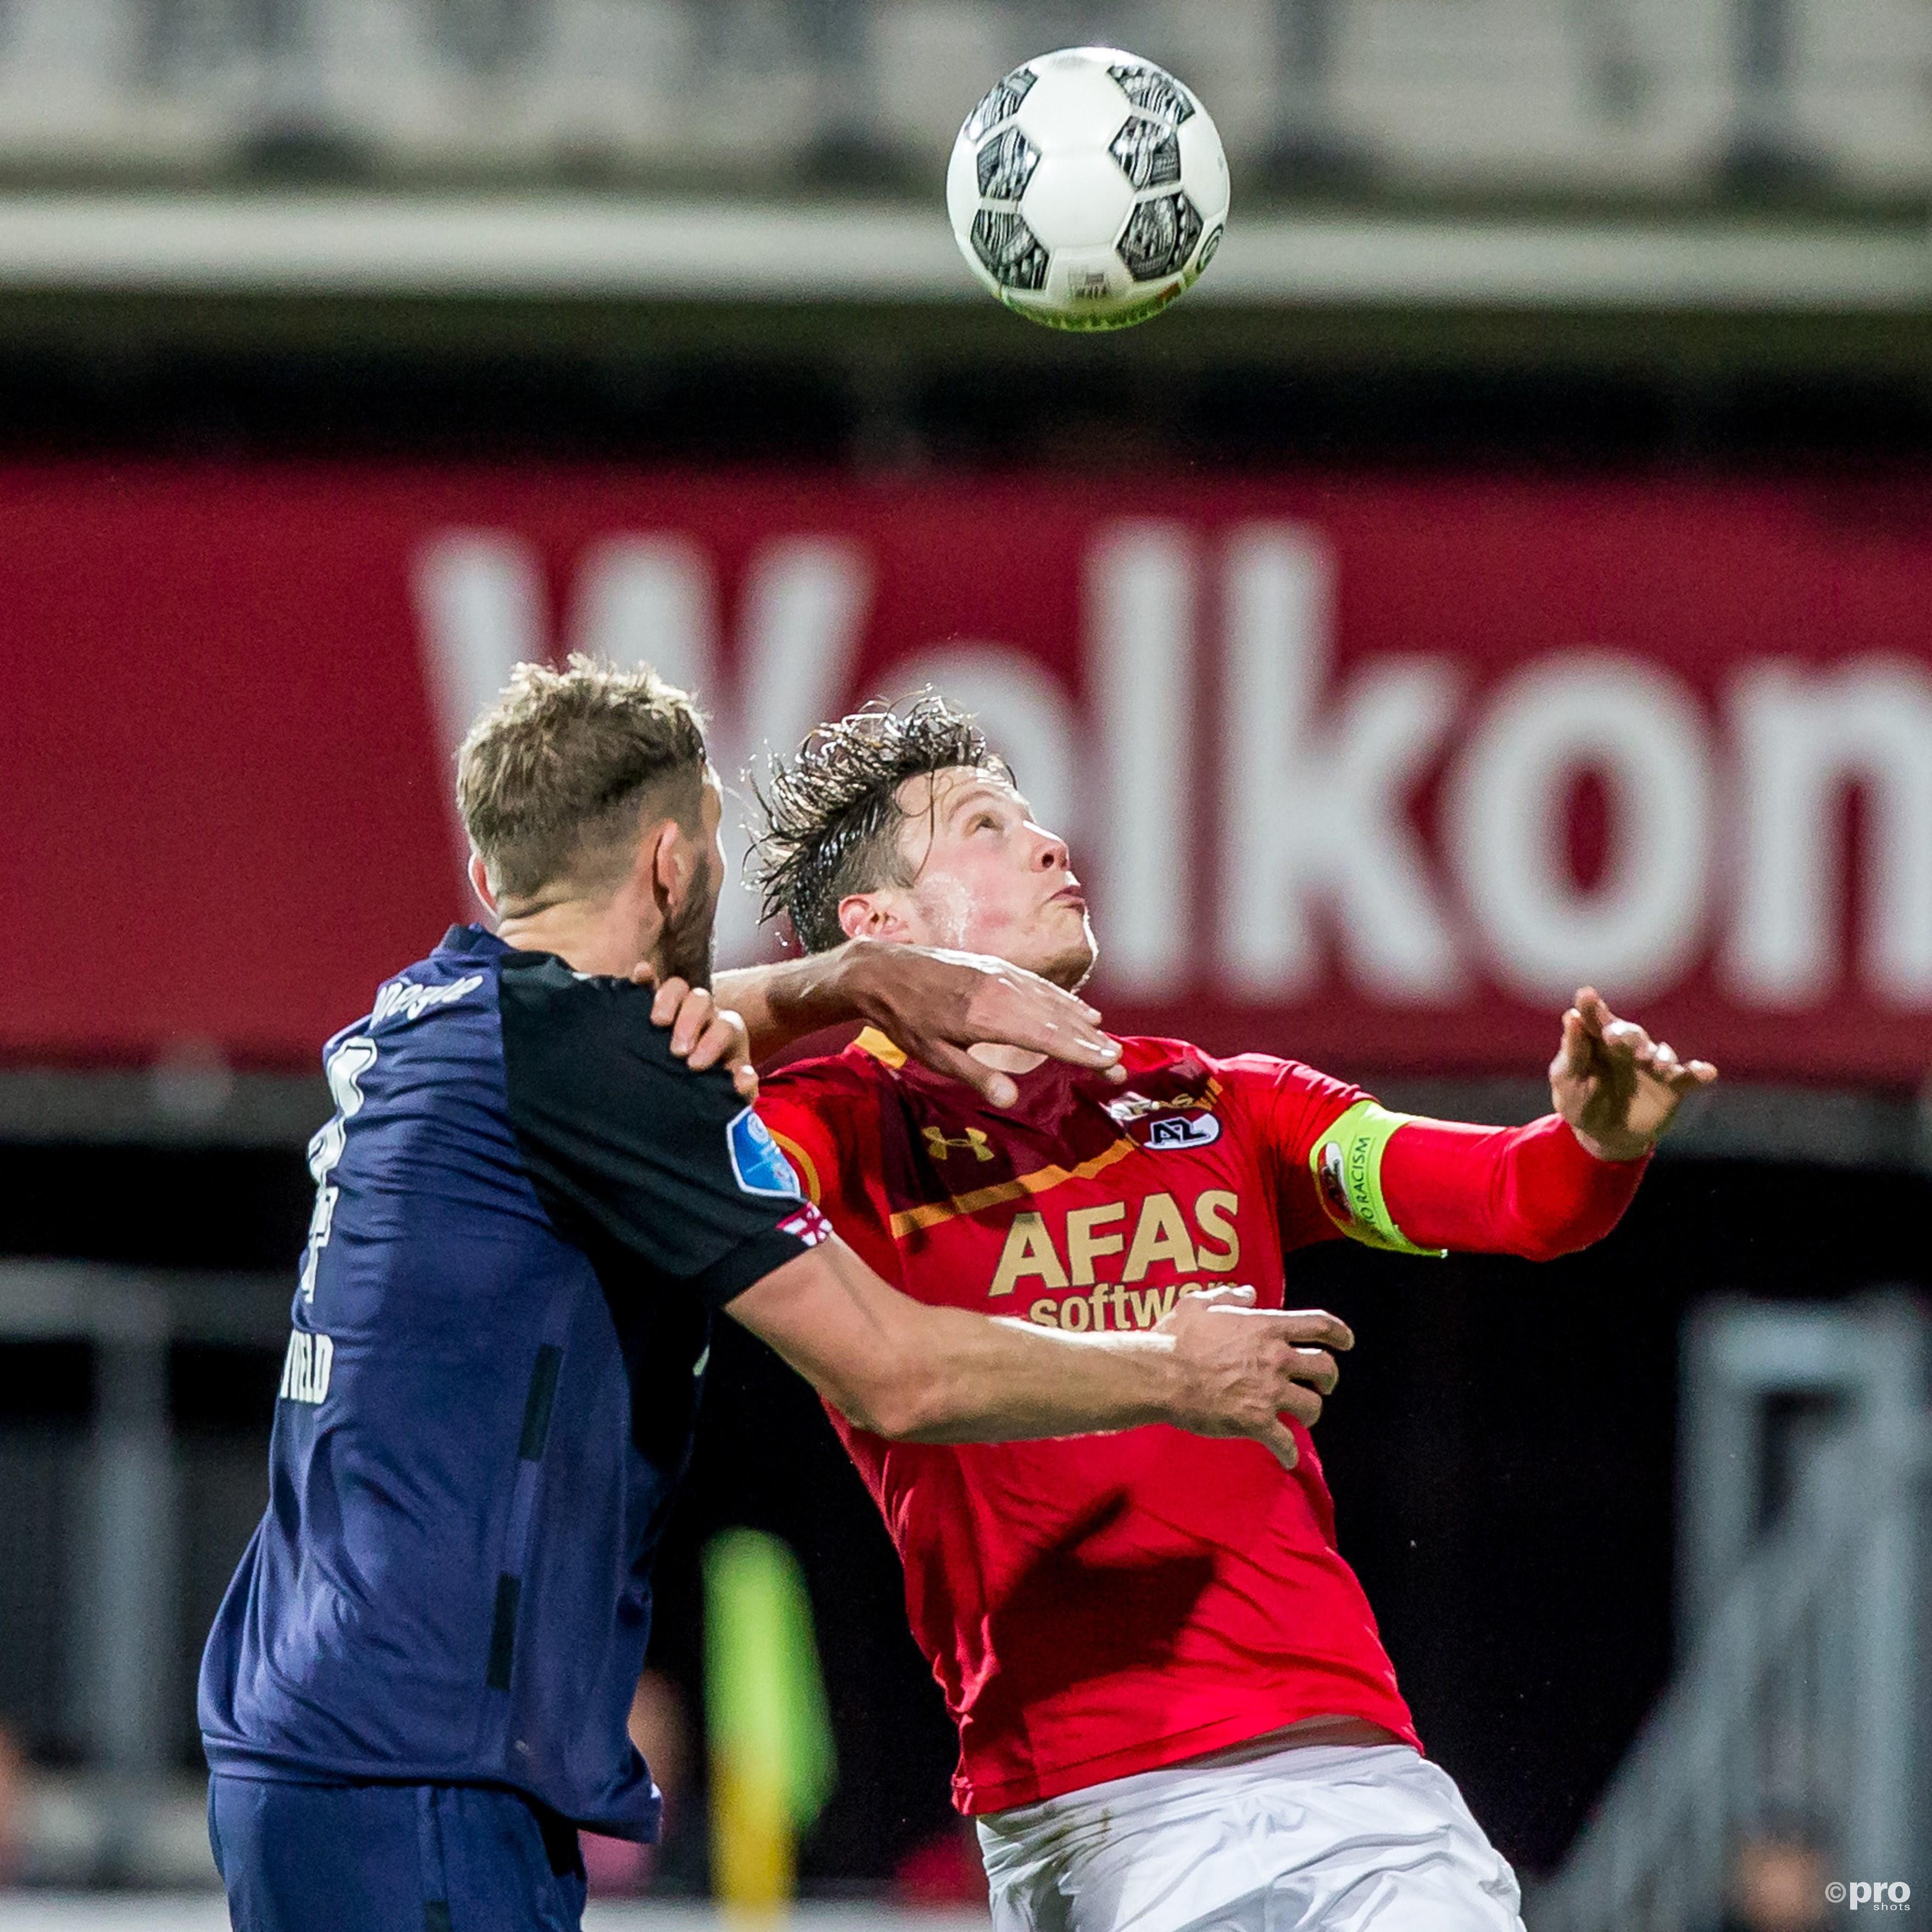 Jos Hooiveld (l) in duel met Wout Weghorst (r). (PRO SHOTS/Kay Int Veen)